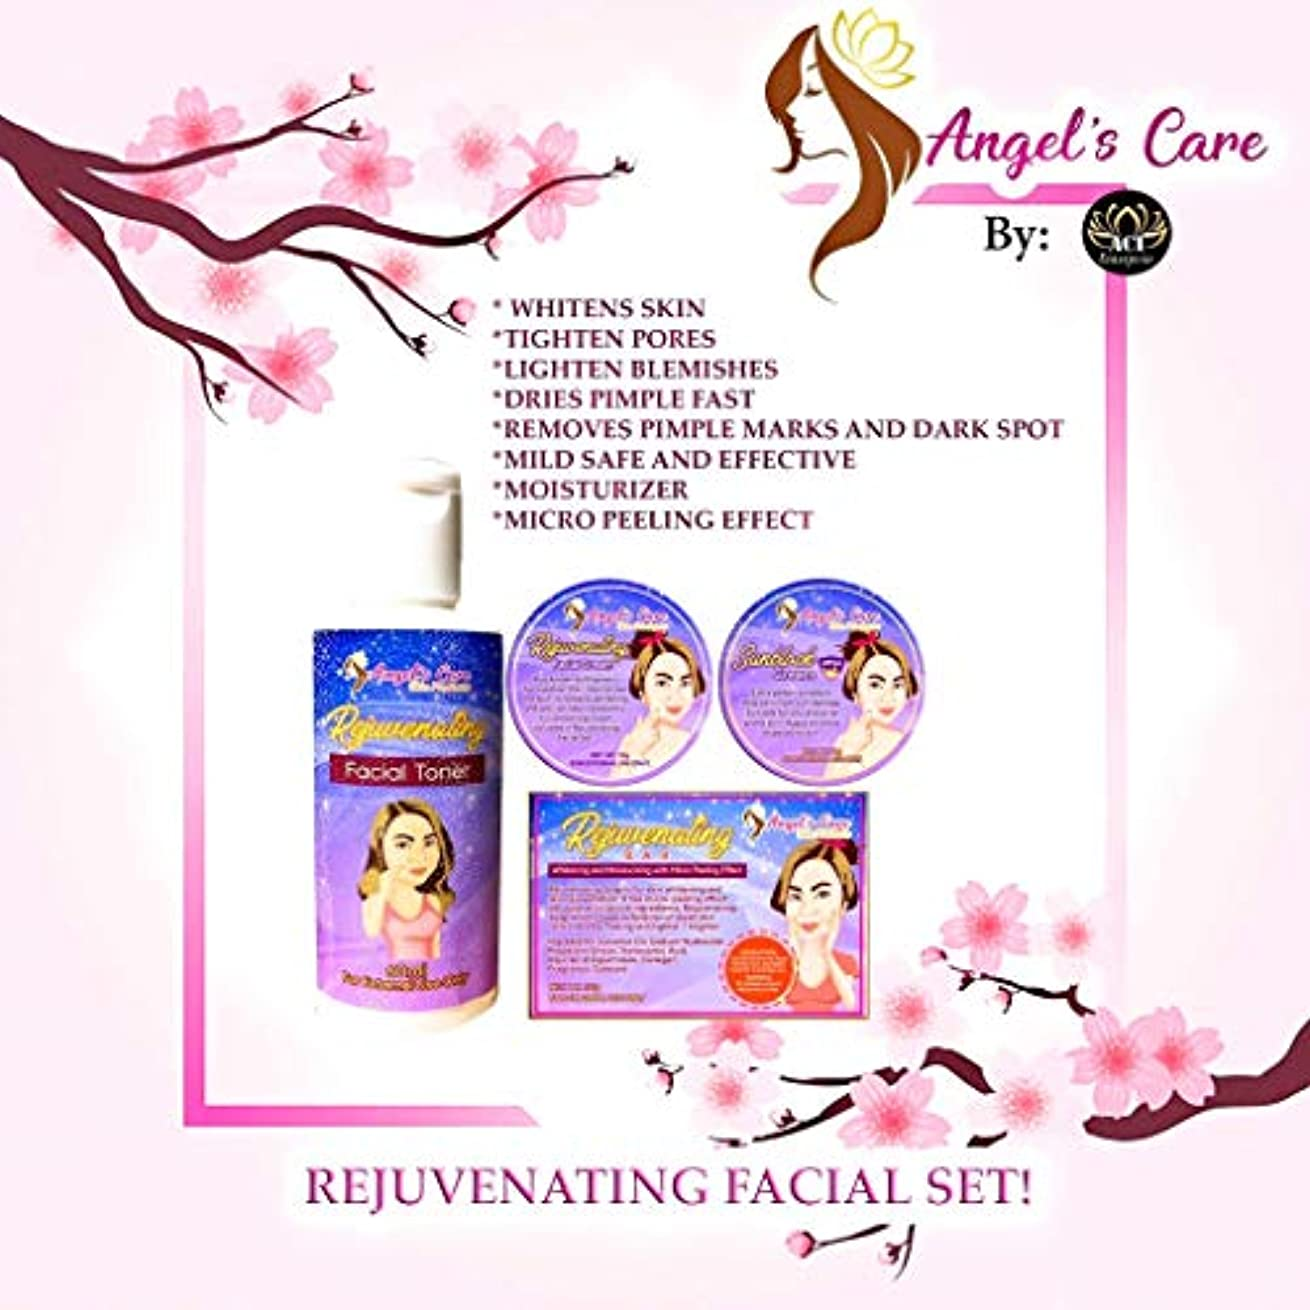 締め切り裸熱意Angel's Care Rejuvenating Facial Set (Mild)